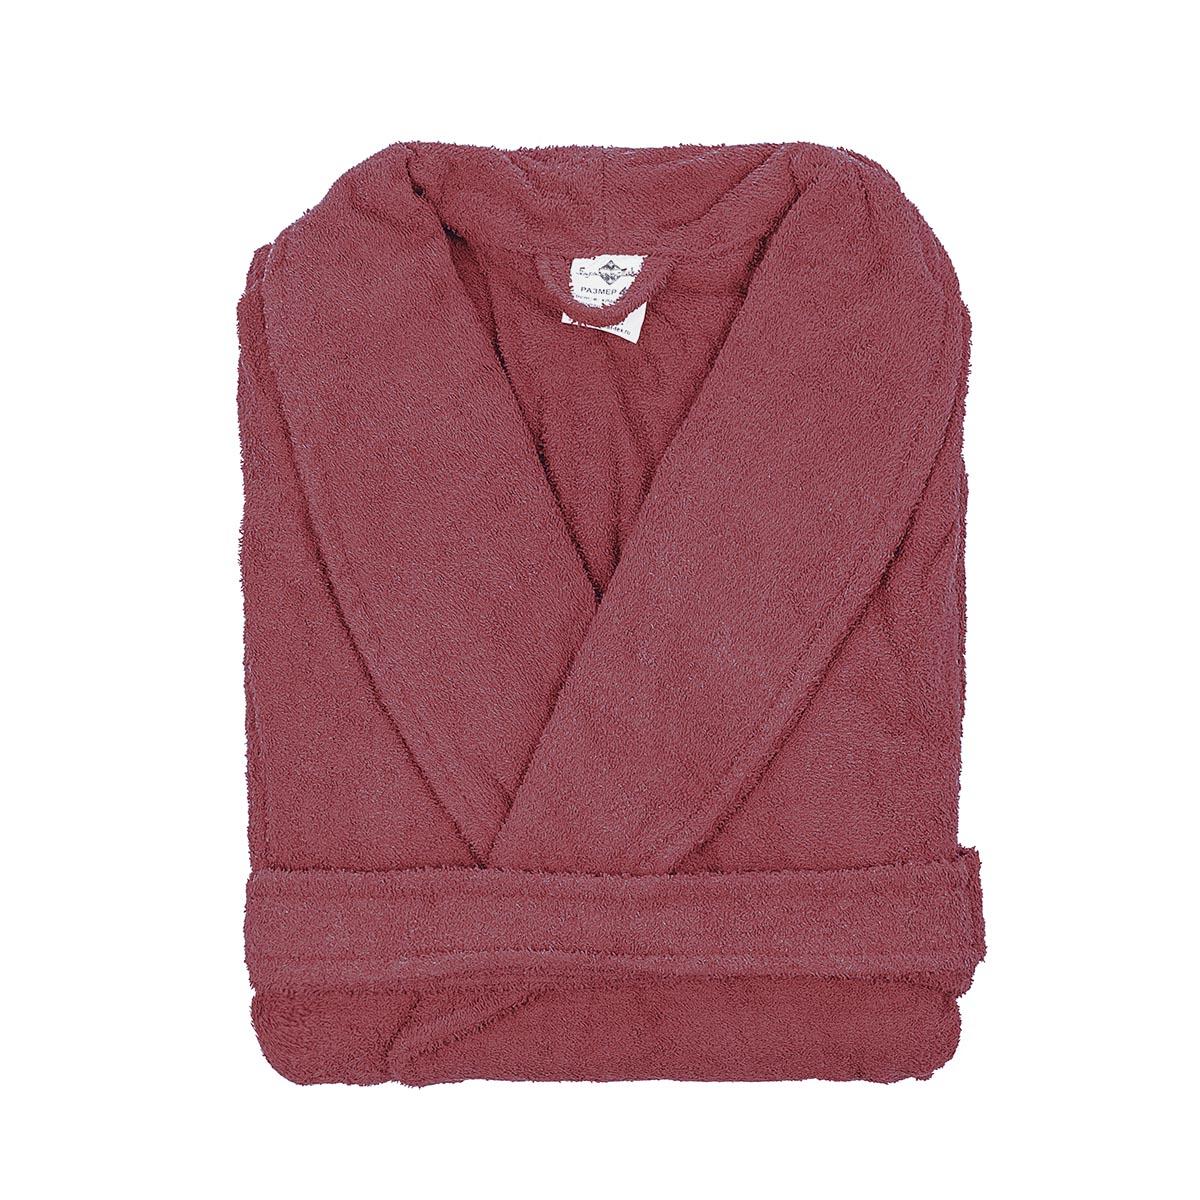 Мужской халат Сейланн Брусничный, размер 48Нижнее и нательное белье<br><br><br>Тип: Муж. халат<br>Размер: 48<br>Материал: Махра